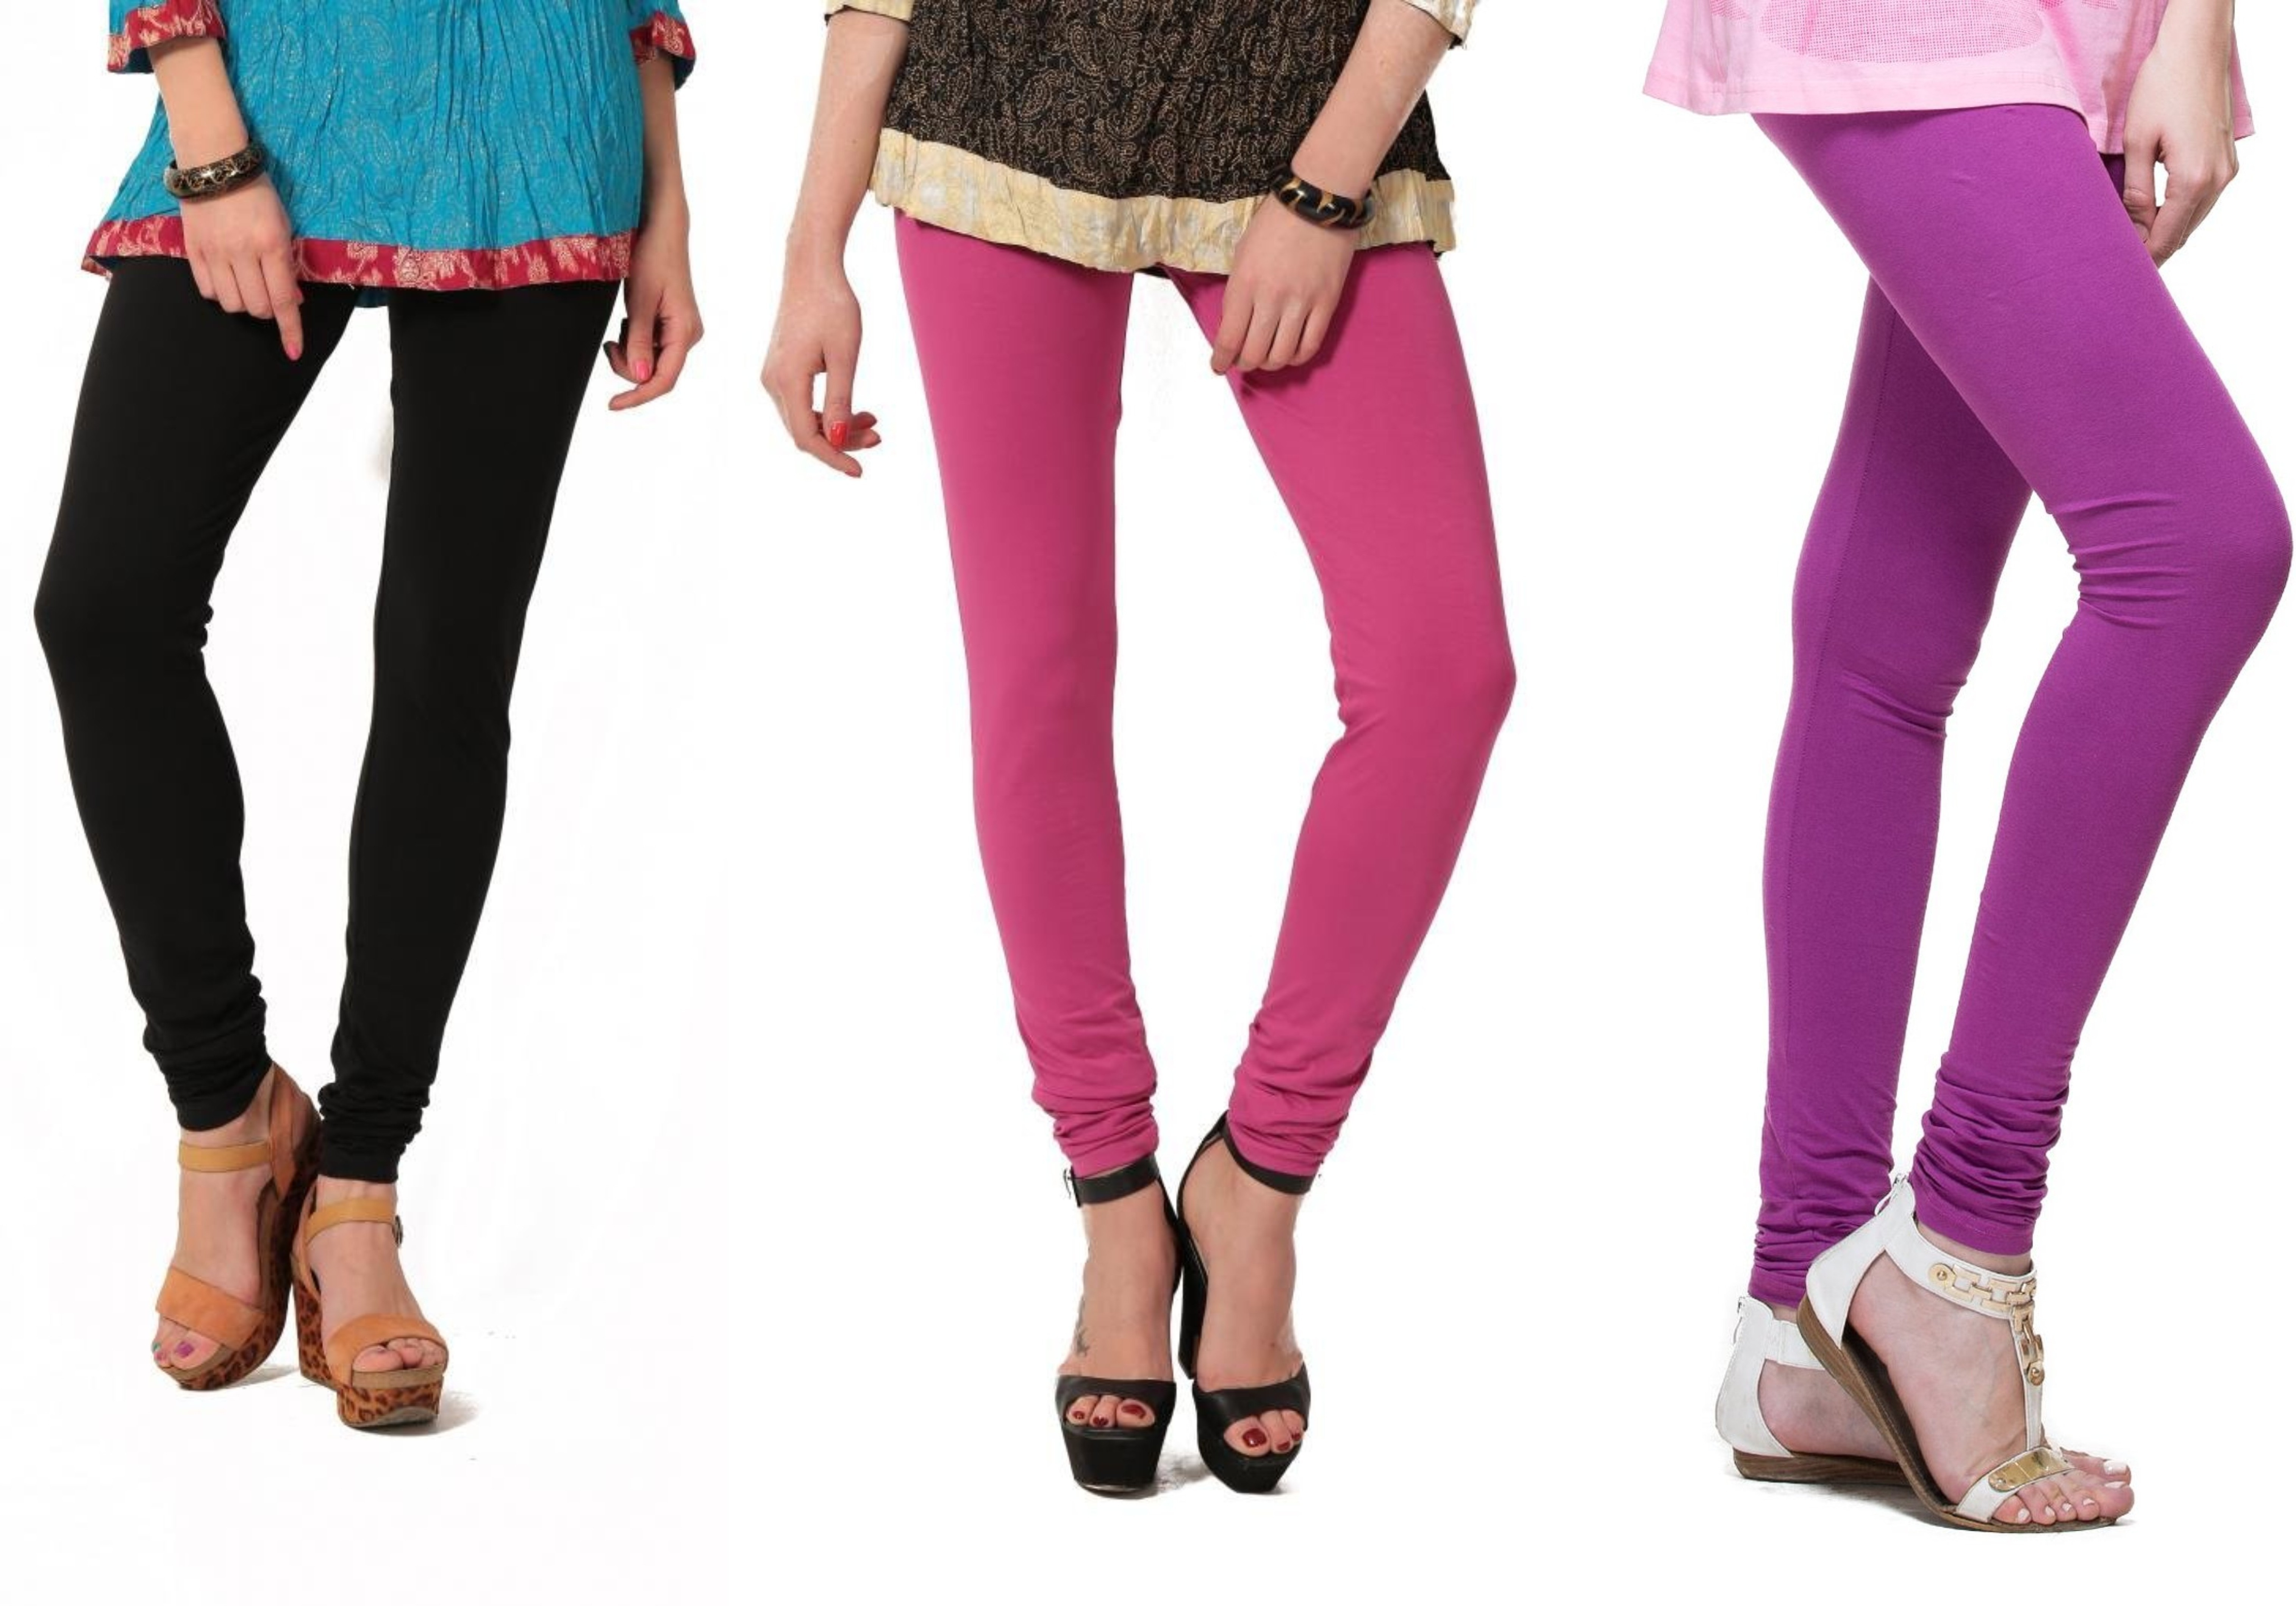 Angel Soft Womens Black, Pink, Purple Leggings(Pack of 3)